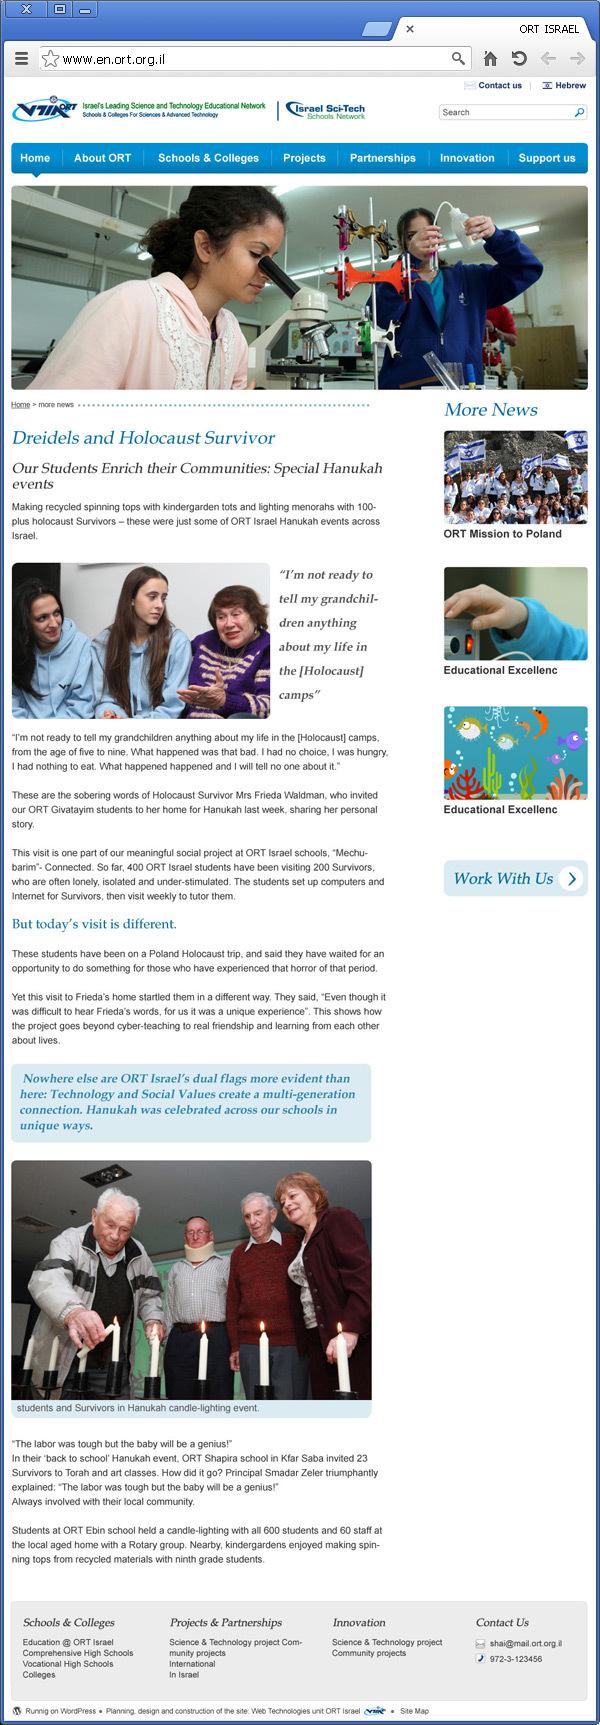 דף פנימי של האתר